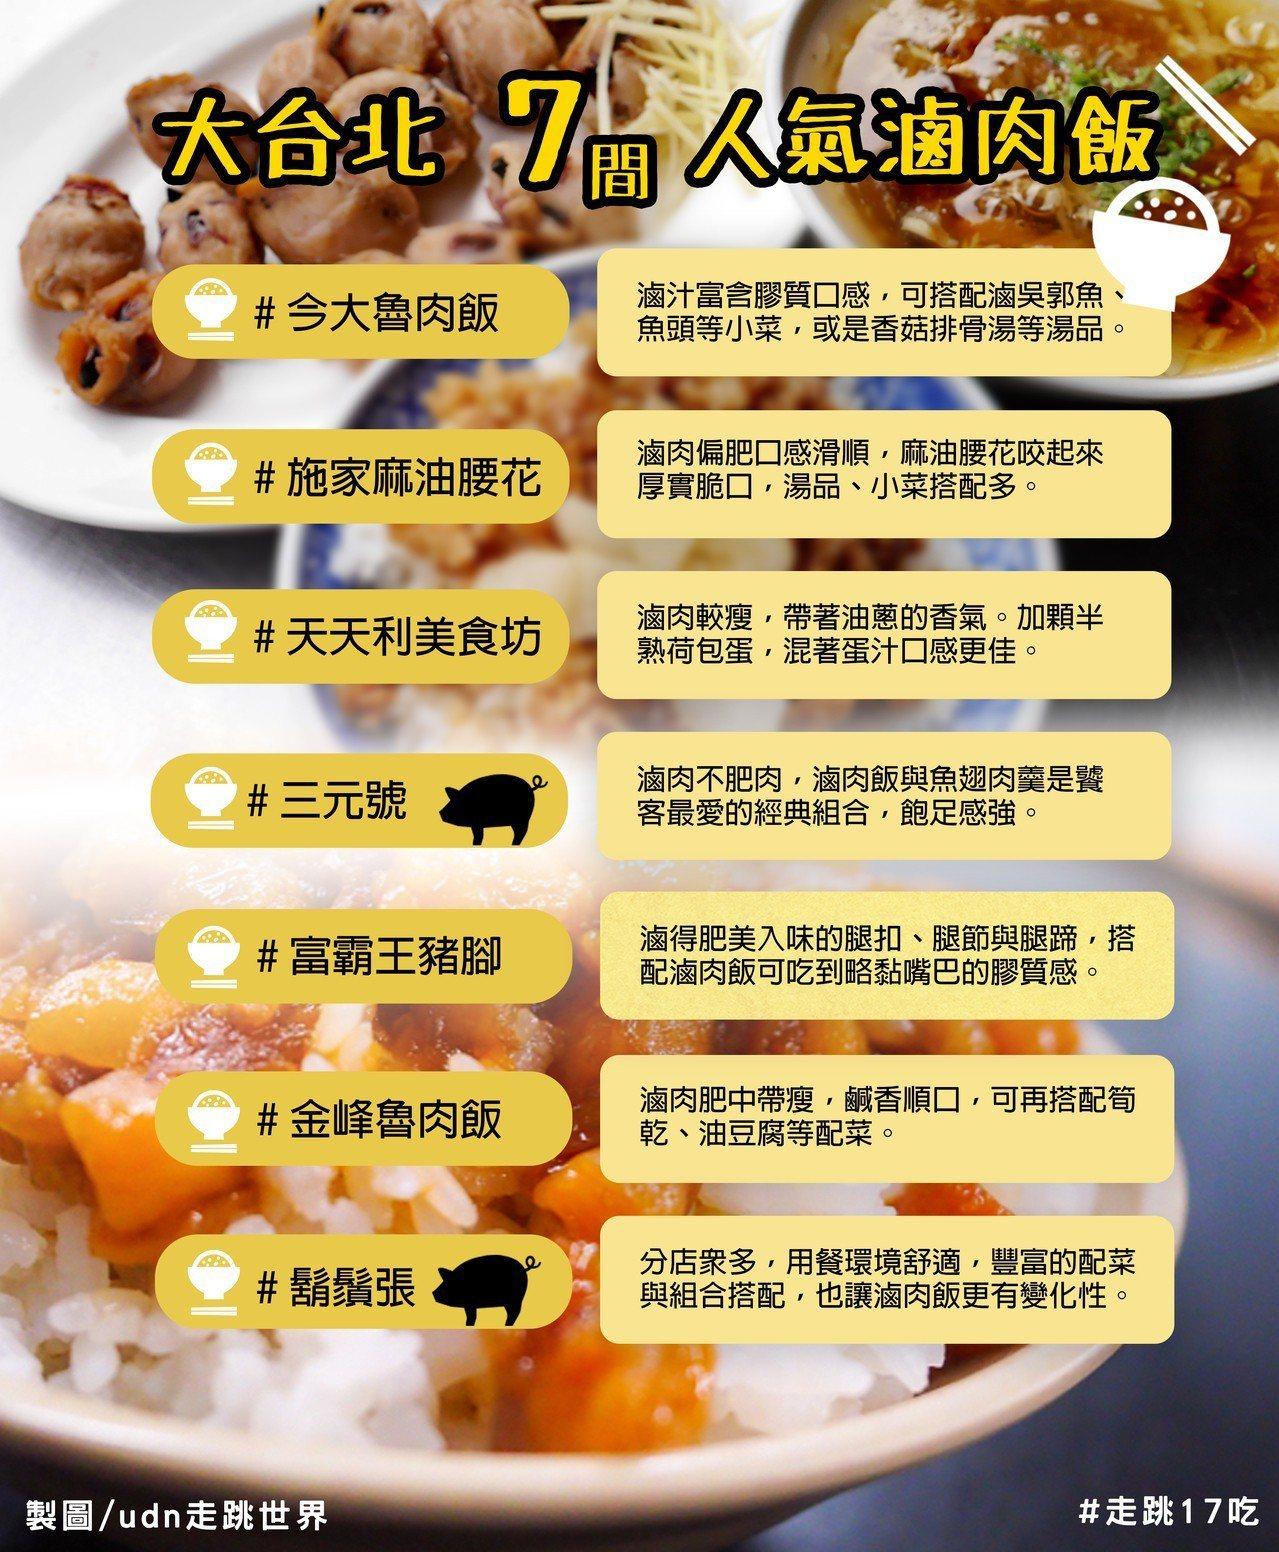 圖/感謝網友 dindin_eat_foodie 提供人氣滷肉飯視覺圖素